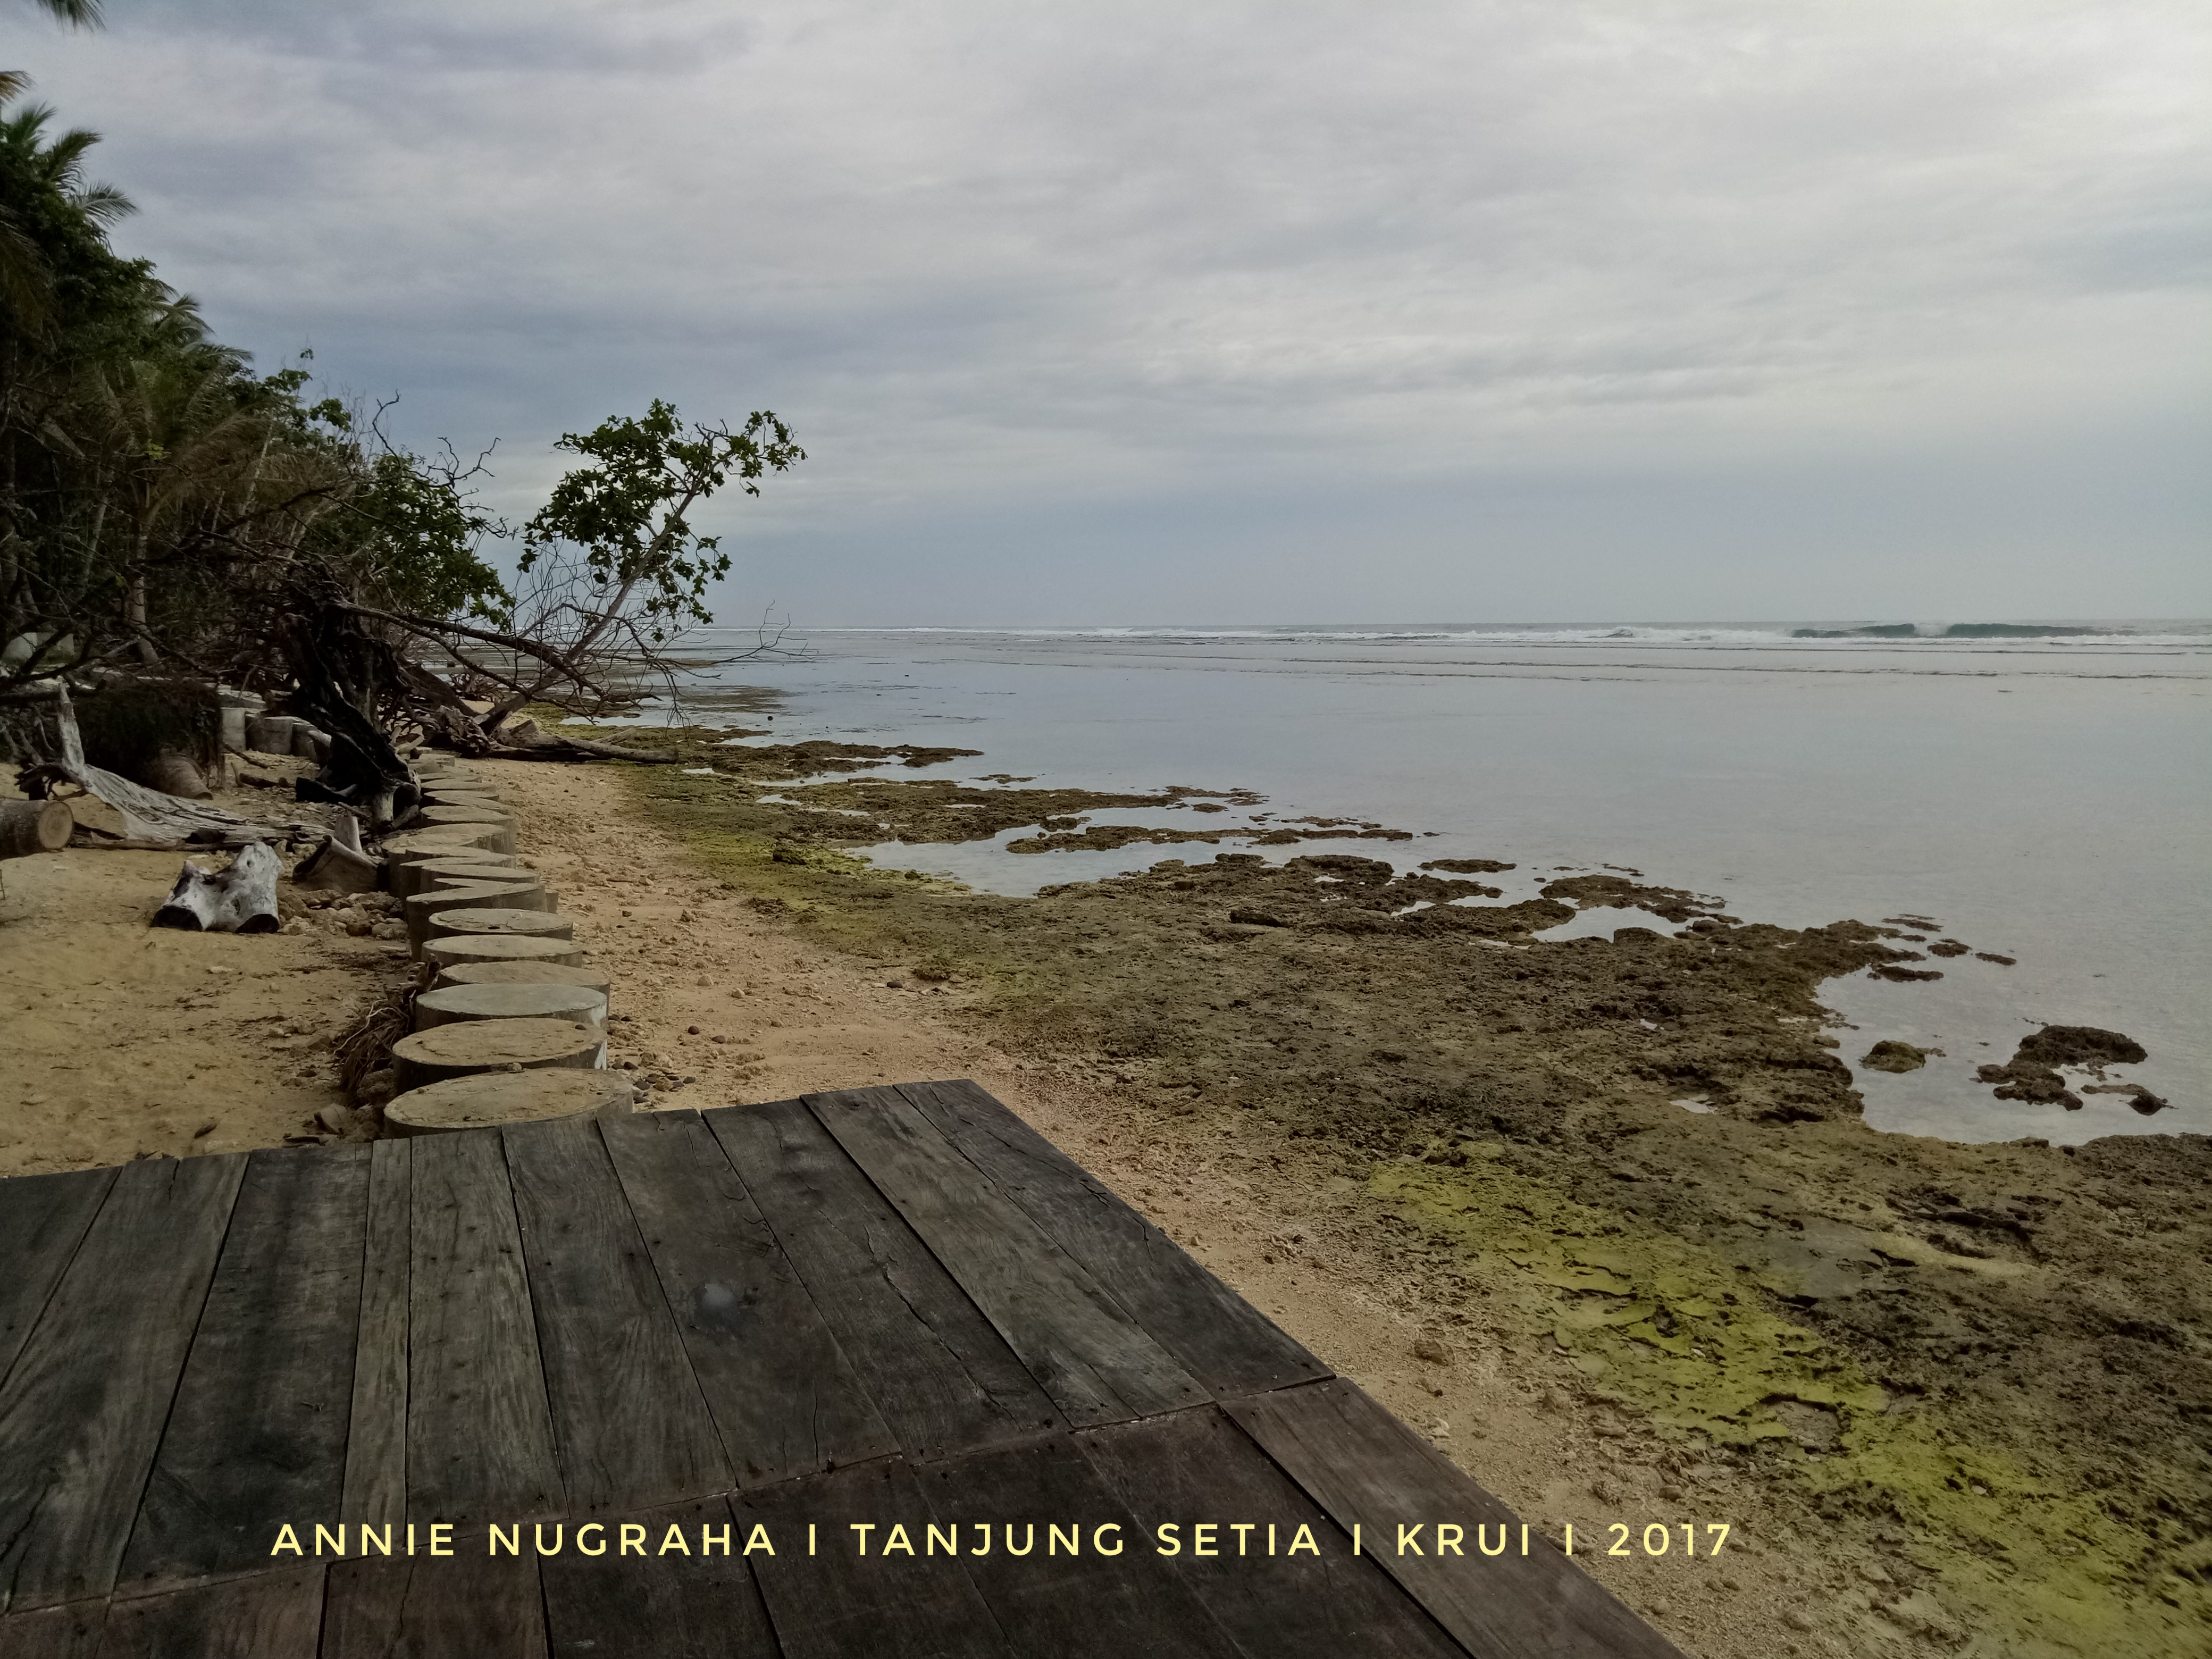 PESONA KRUI 2017 - Sejuta Pesta di Pesisir Barat Lampung